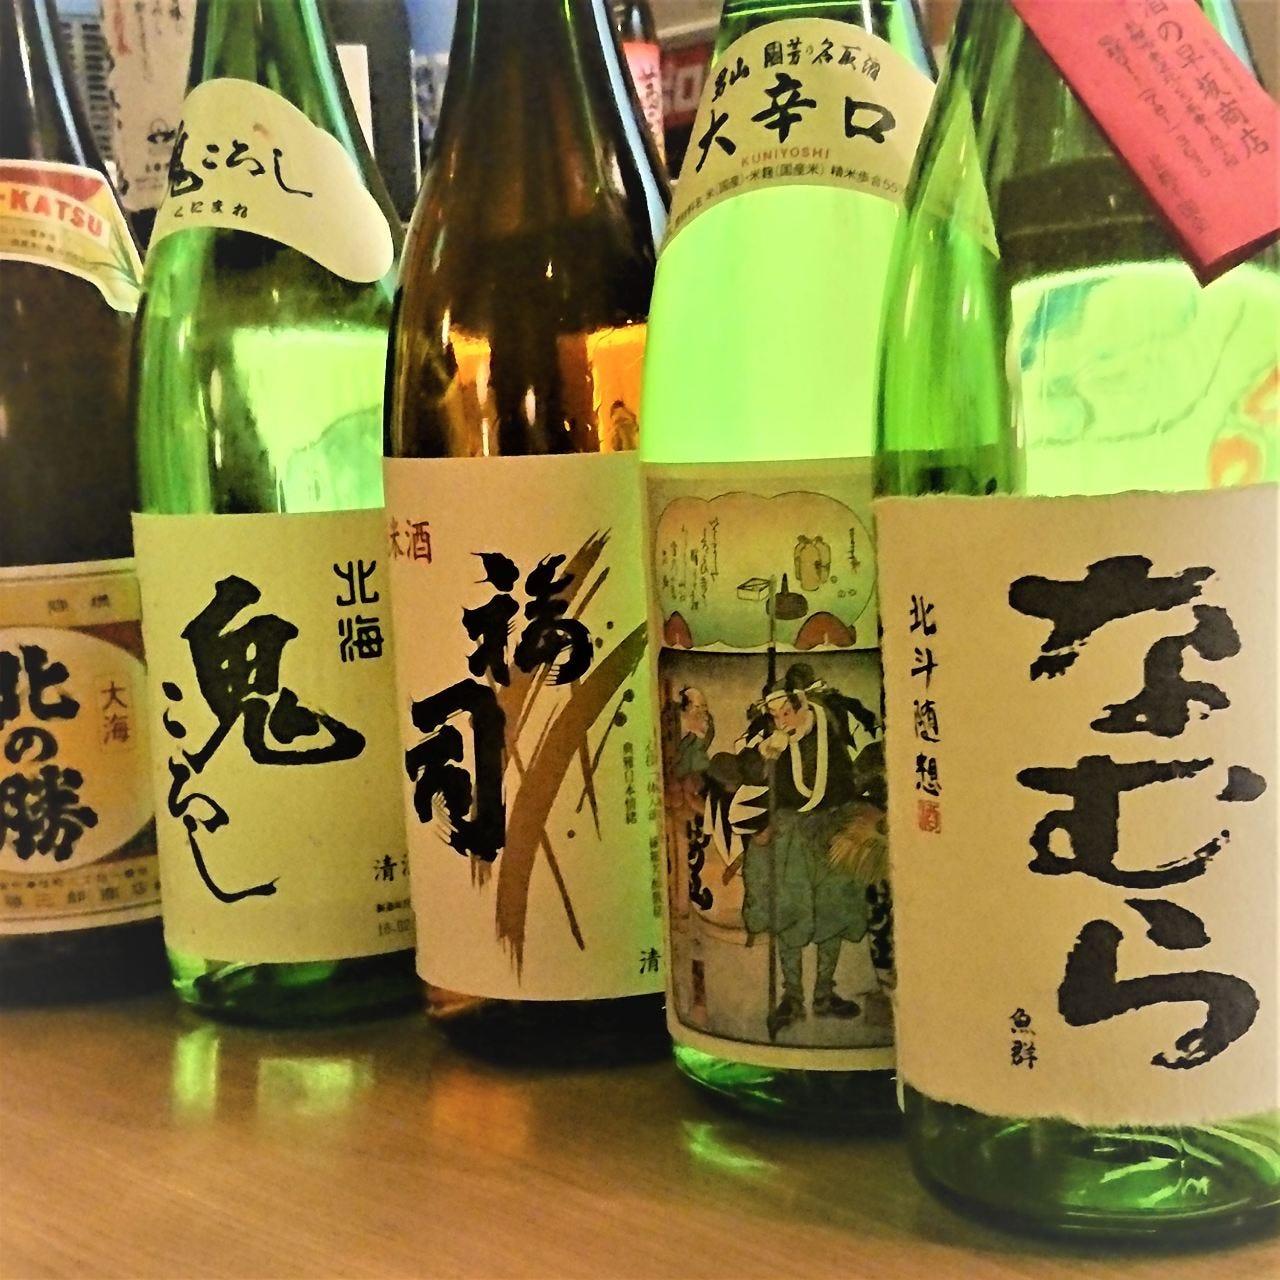 北海道産の日本酒も豊富に御座います。